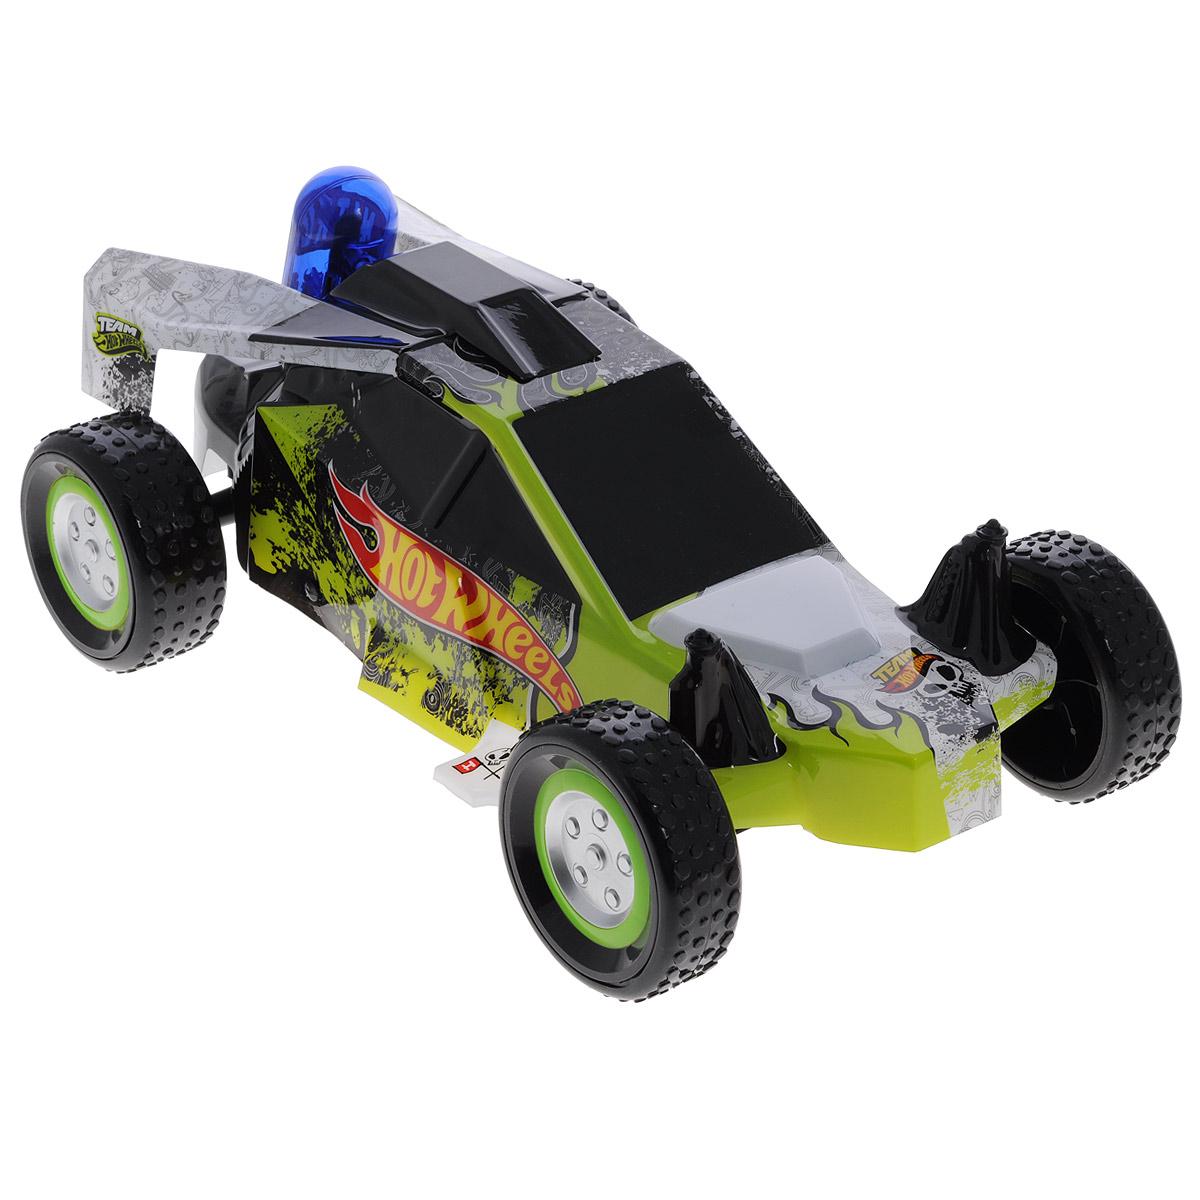 """Радиоуправляемая модель Hot Wheels """"Nitro Buggy"""" обязательно понравится вашему малышу! Невероятно сверхскоростная, легкая и маневренная машинка изготовлена из прочного пластика, шины выполнены из мягкой резины. Машинка управляется при помощи удобного и эргономичного пульта с антенной. Модель разгоняется до 20 км/ч и может двигаться в 8 различных направлениях (4 из них - задним ходом). Машинка оснащена нитроускорителем и имеет эффект двойного ускорения. Нажмите на кнопку двойного ускорения, расположенную на пульте управления машинкой, нитроускоритель засветится, а багги разгонится сильнее обычного. Ваш ребенок часами будет играть с игрушкой, придумывая различные истории и устраивая соревнования. Порадуйте его таким замечательным подарком! Машинка работает от сменного аккумулятора (входит в комплект). Для работы пульта управления необходимы 2 батарейки типа АА (товар комплектуется демонстрационными)."""